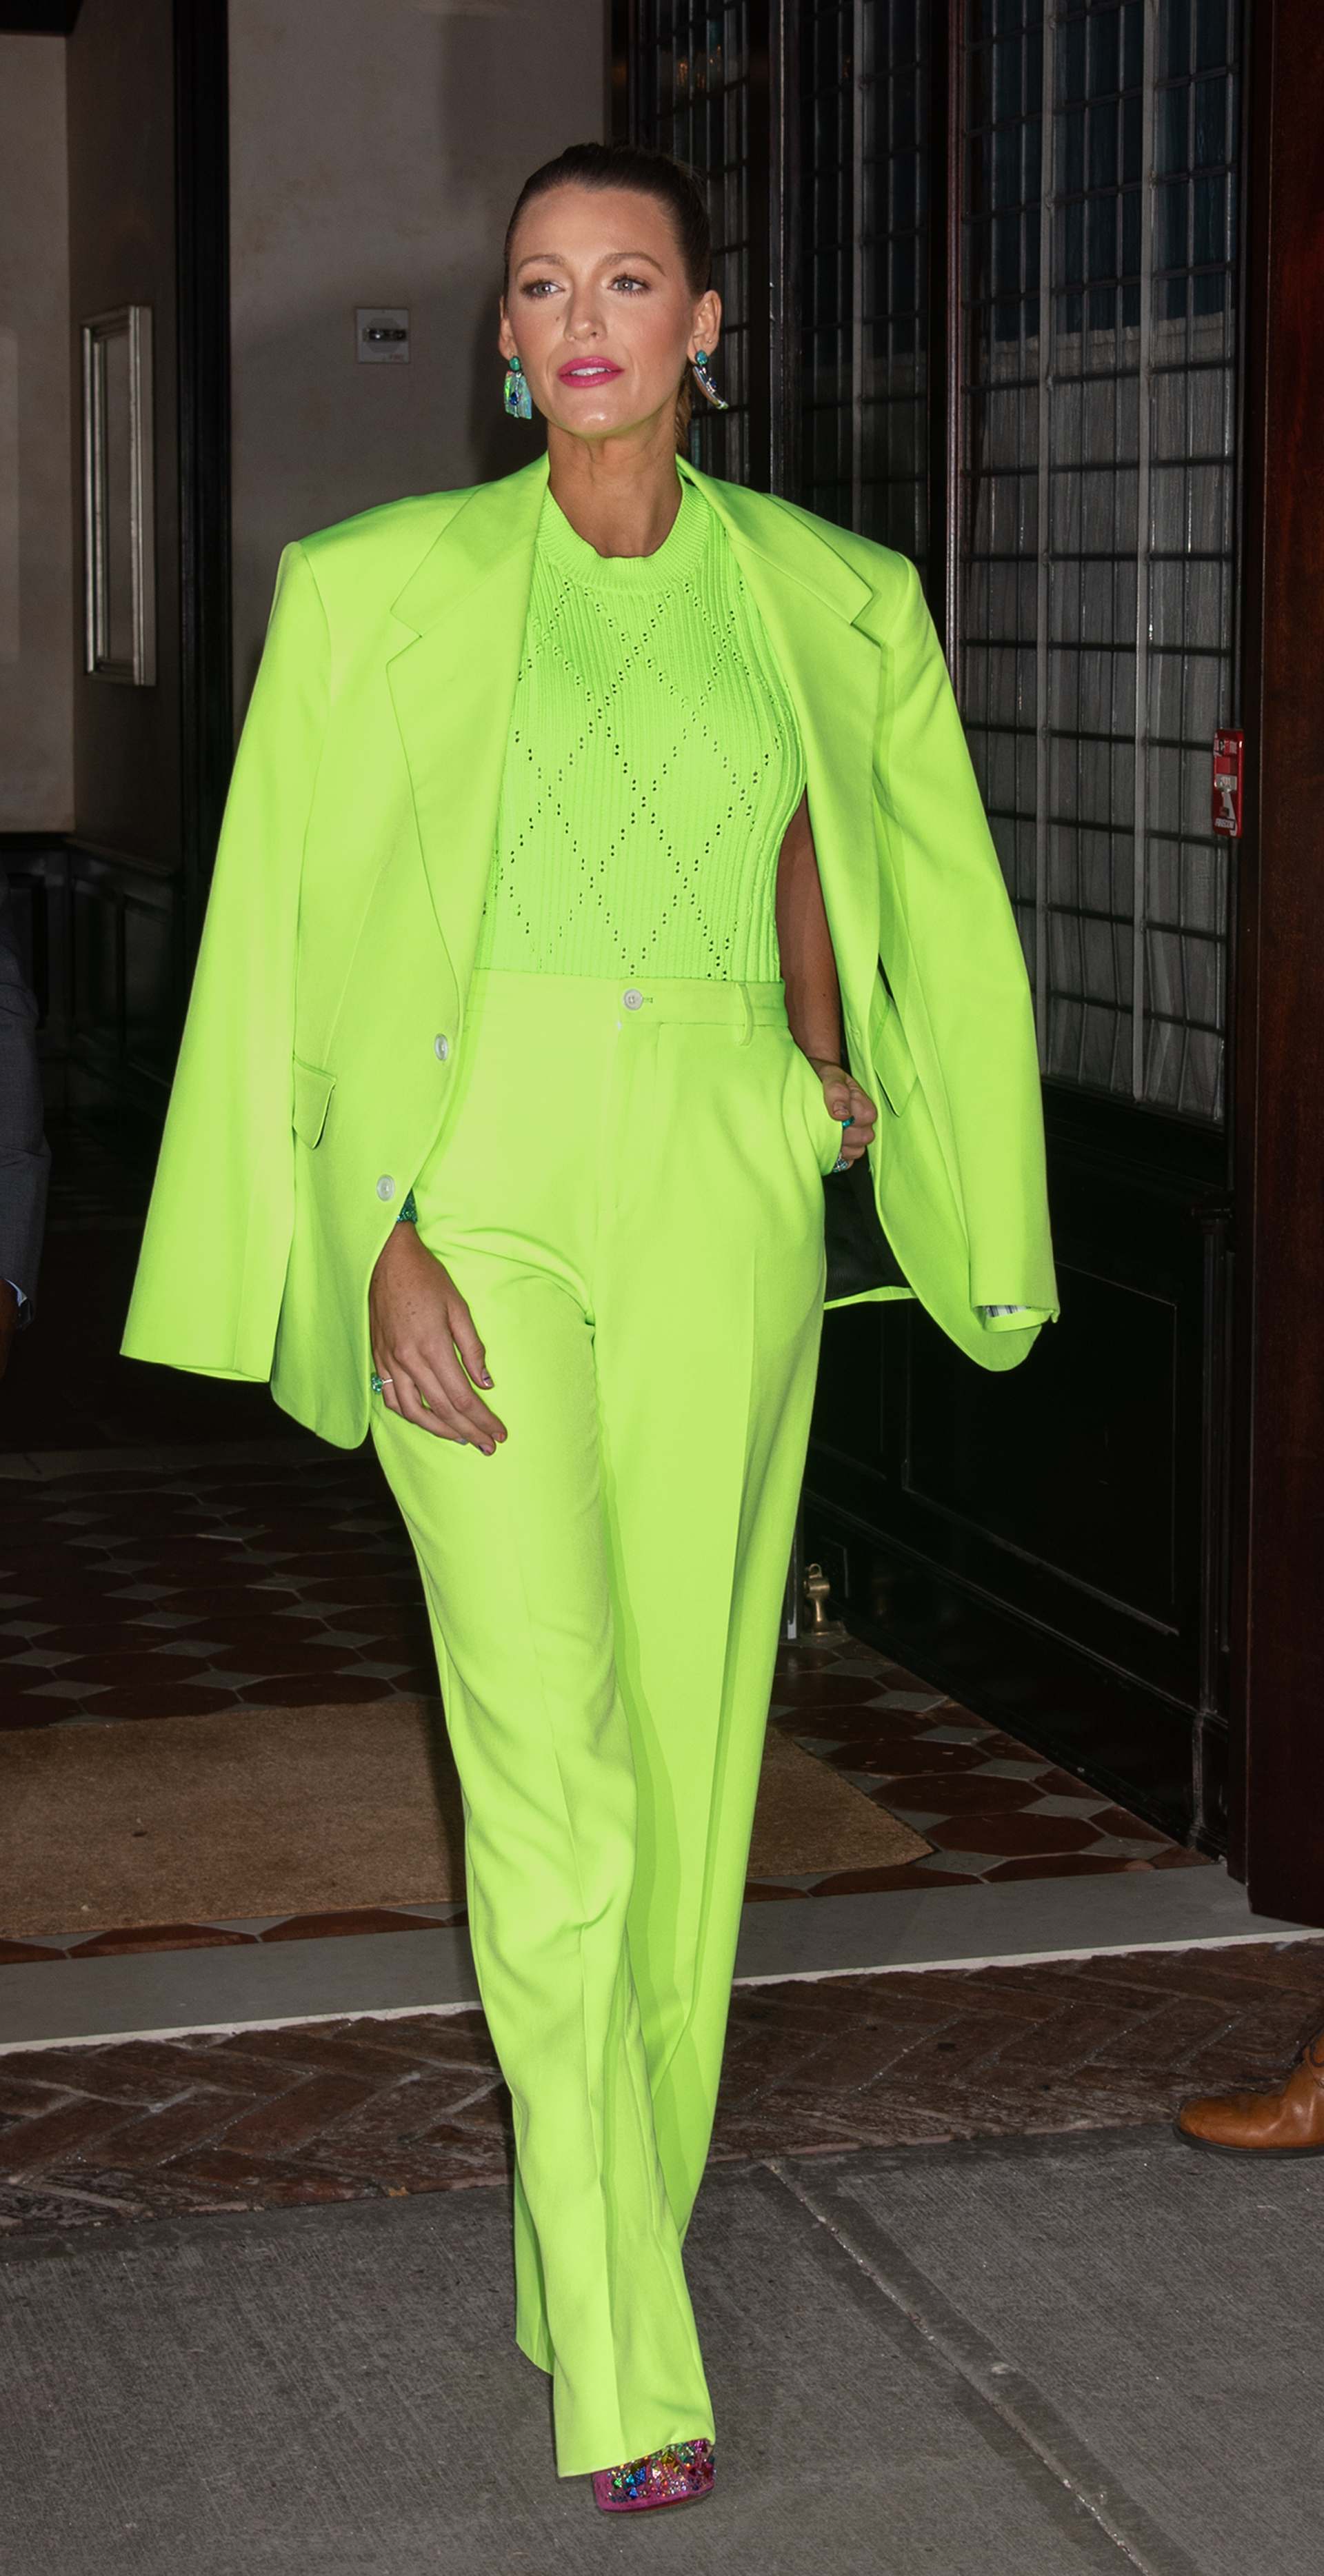 La actriz se lució con este conjunto íntegramente en verde neón: un traje de blazer y pantalón recto que combinó con un sweater de hilo